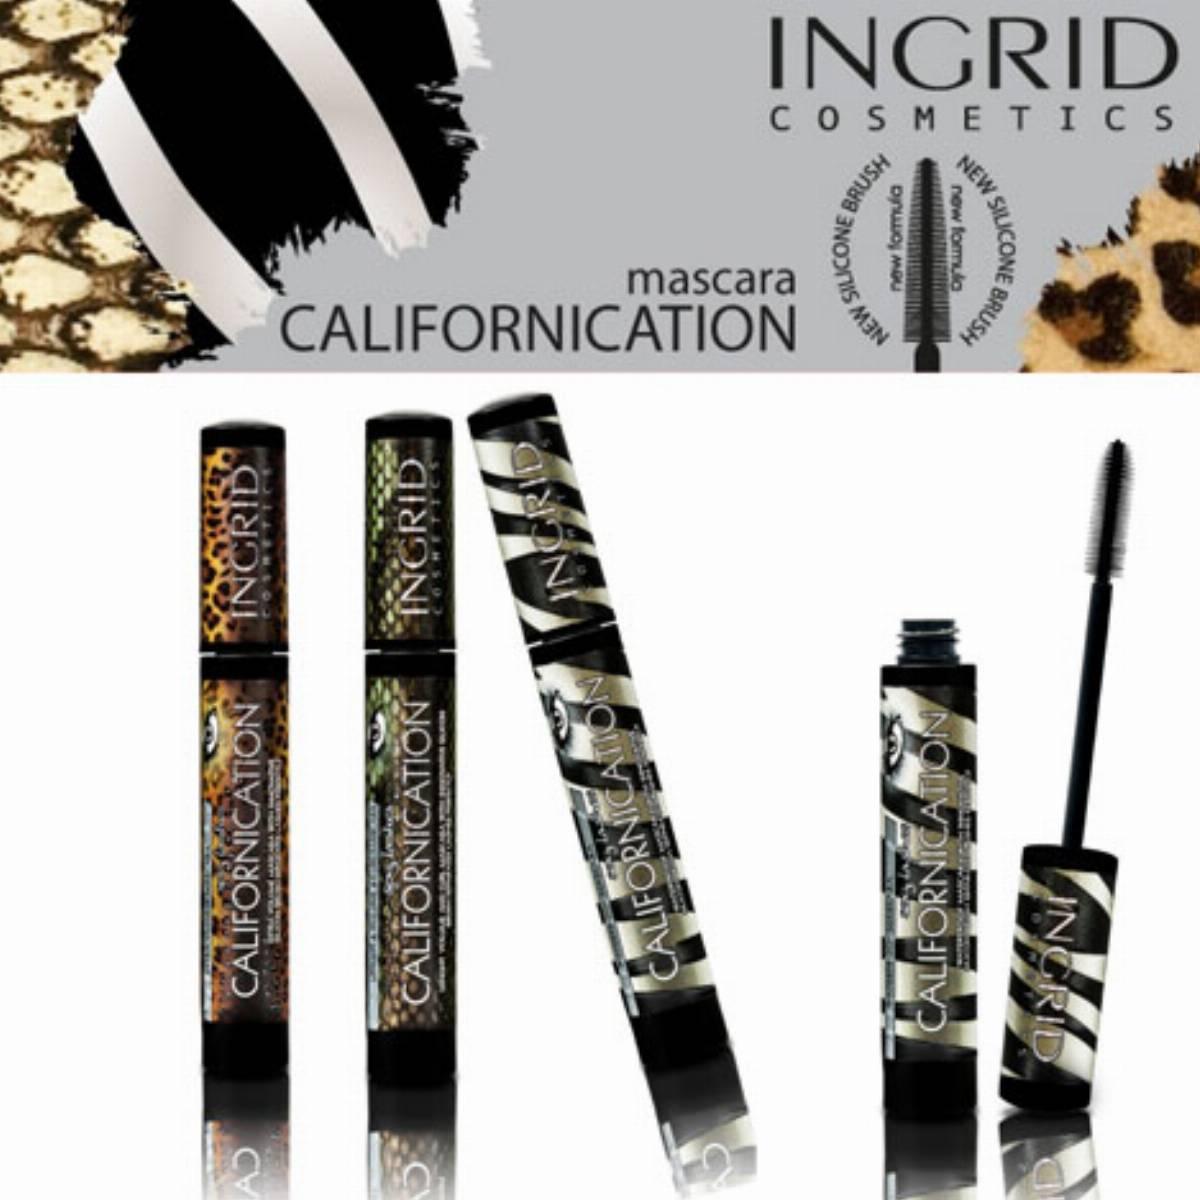 Mascary Ingrid Cosmetics